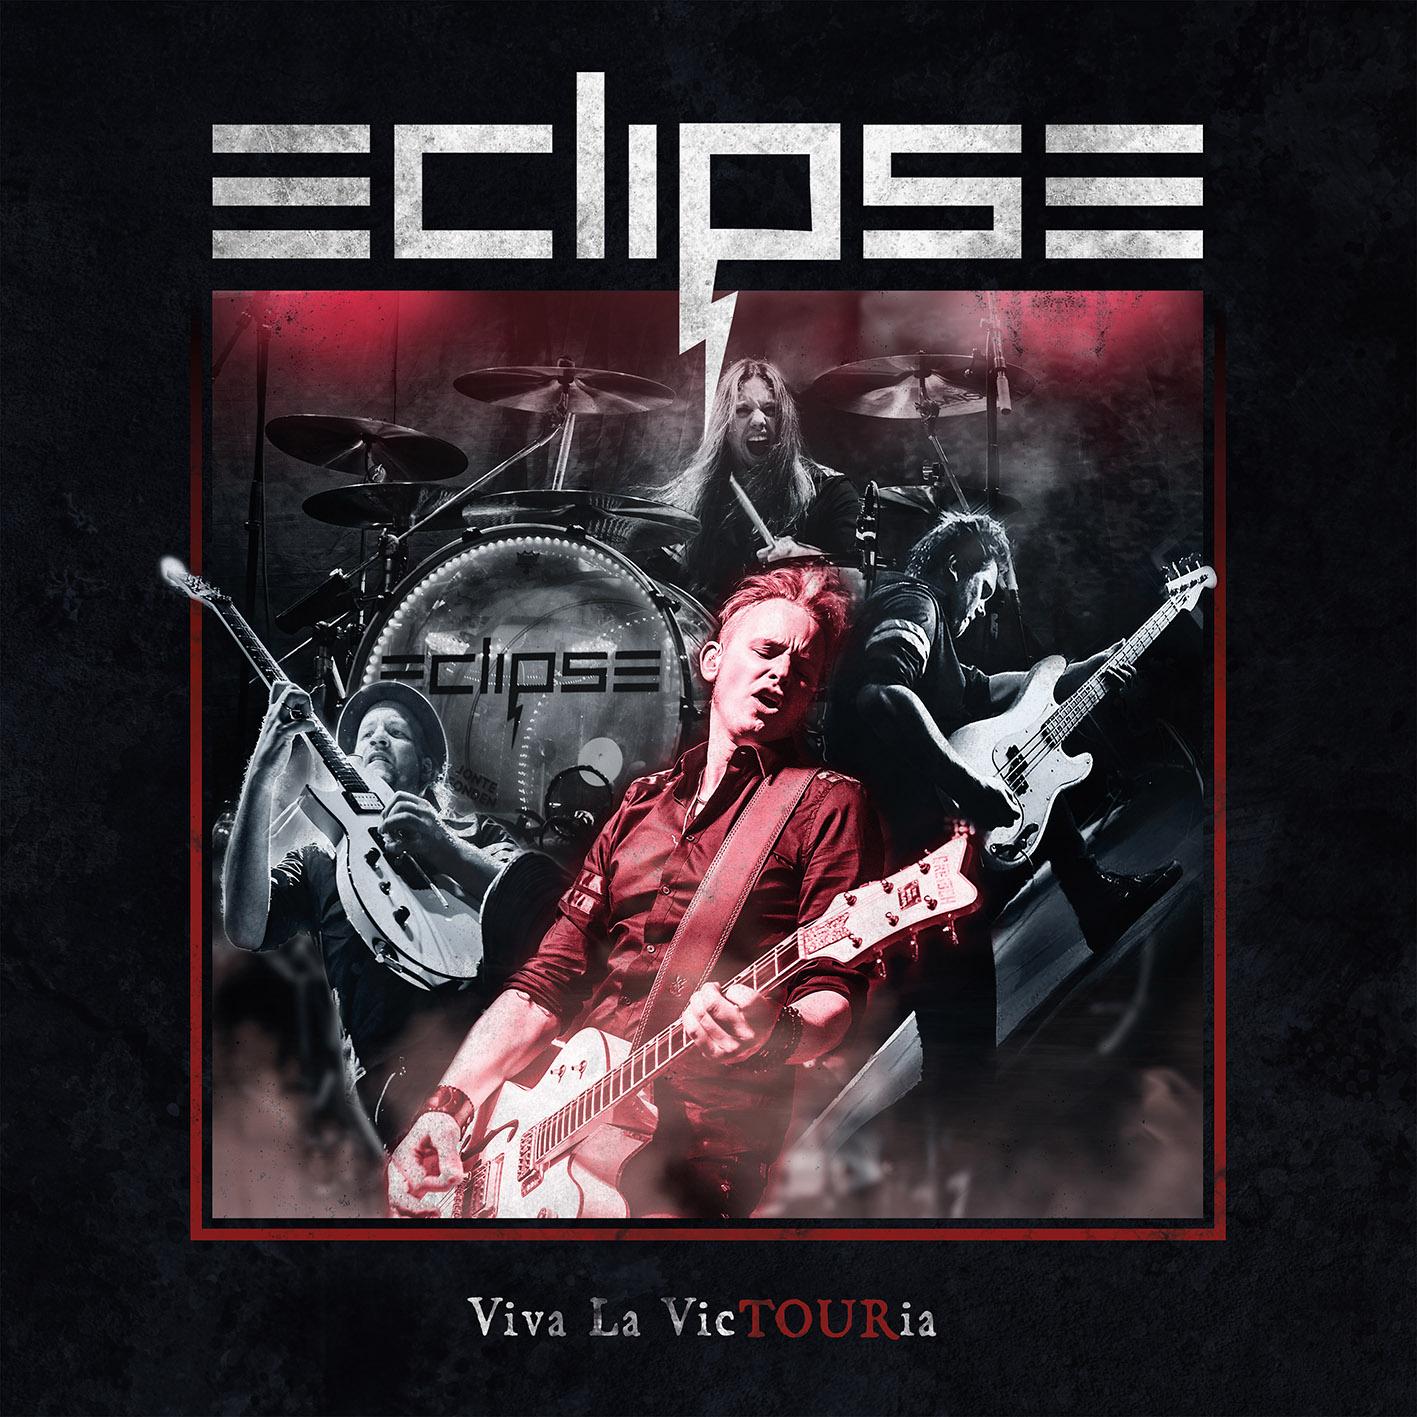 eclipse-live-veroeffentlichung-viva-la-victouria-als-cd-bluray-erschienen-ein-review